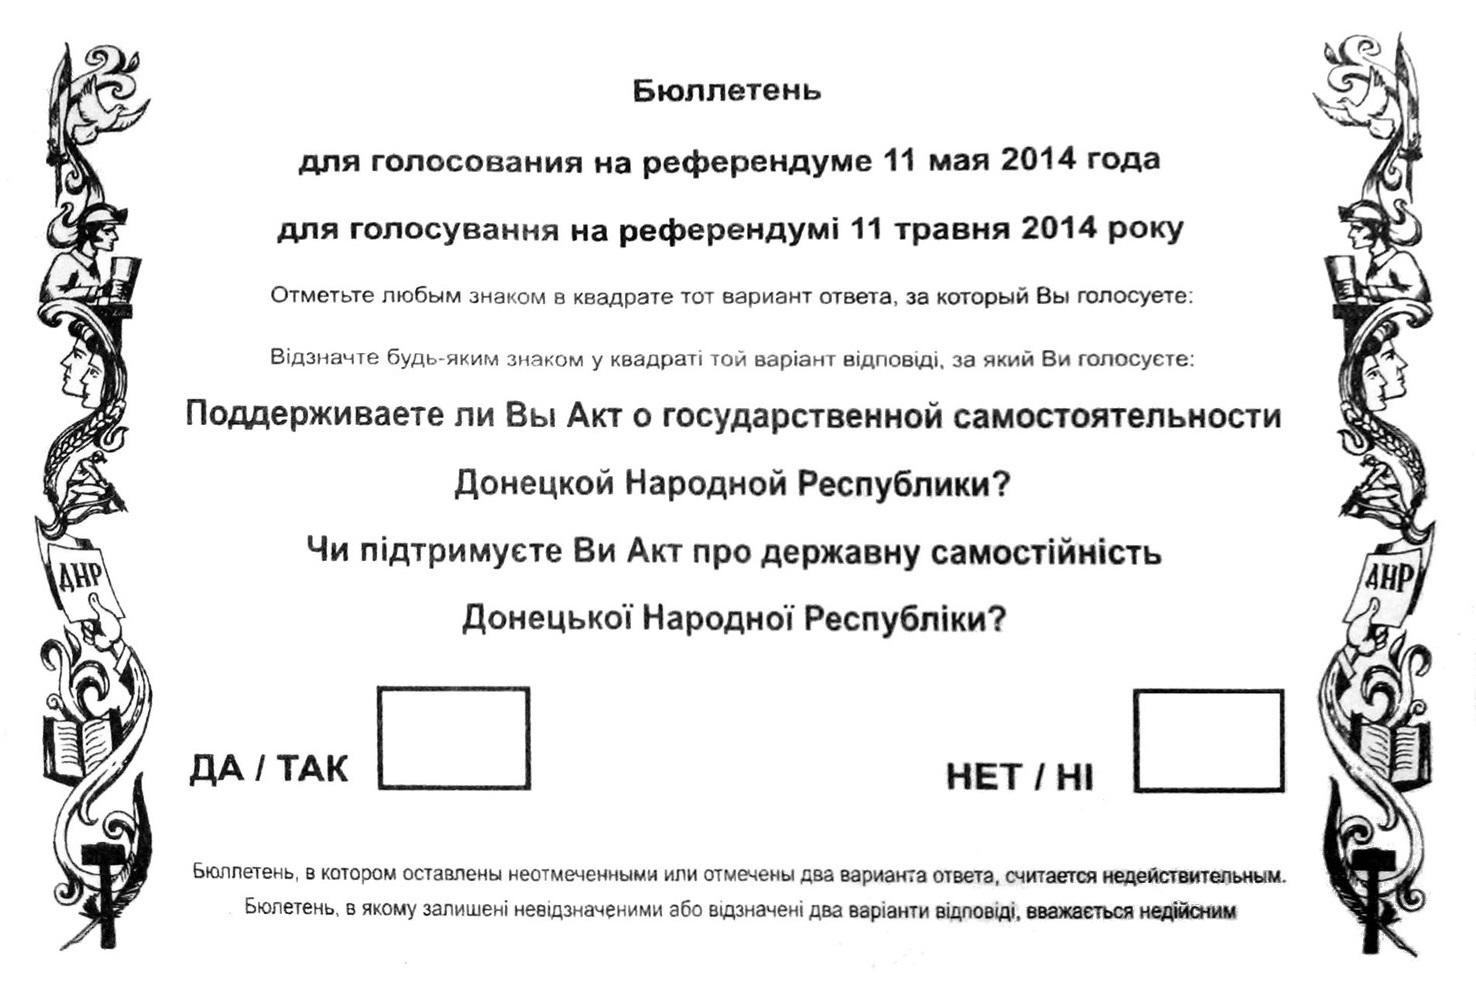 Референдум 11 мая 2014 года